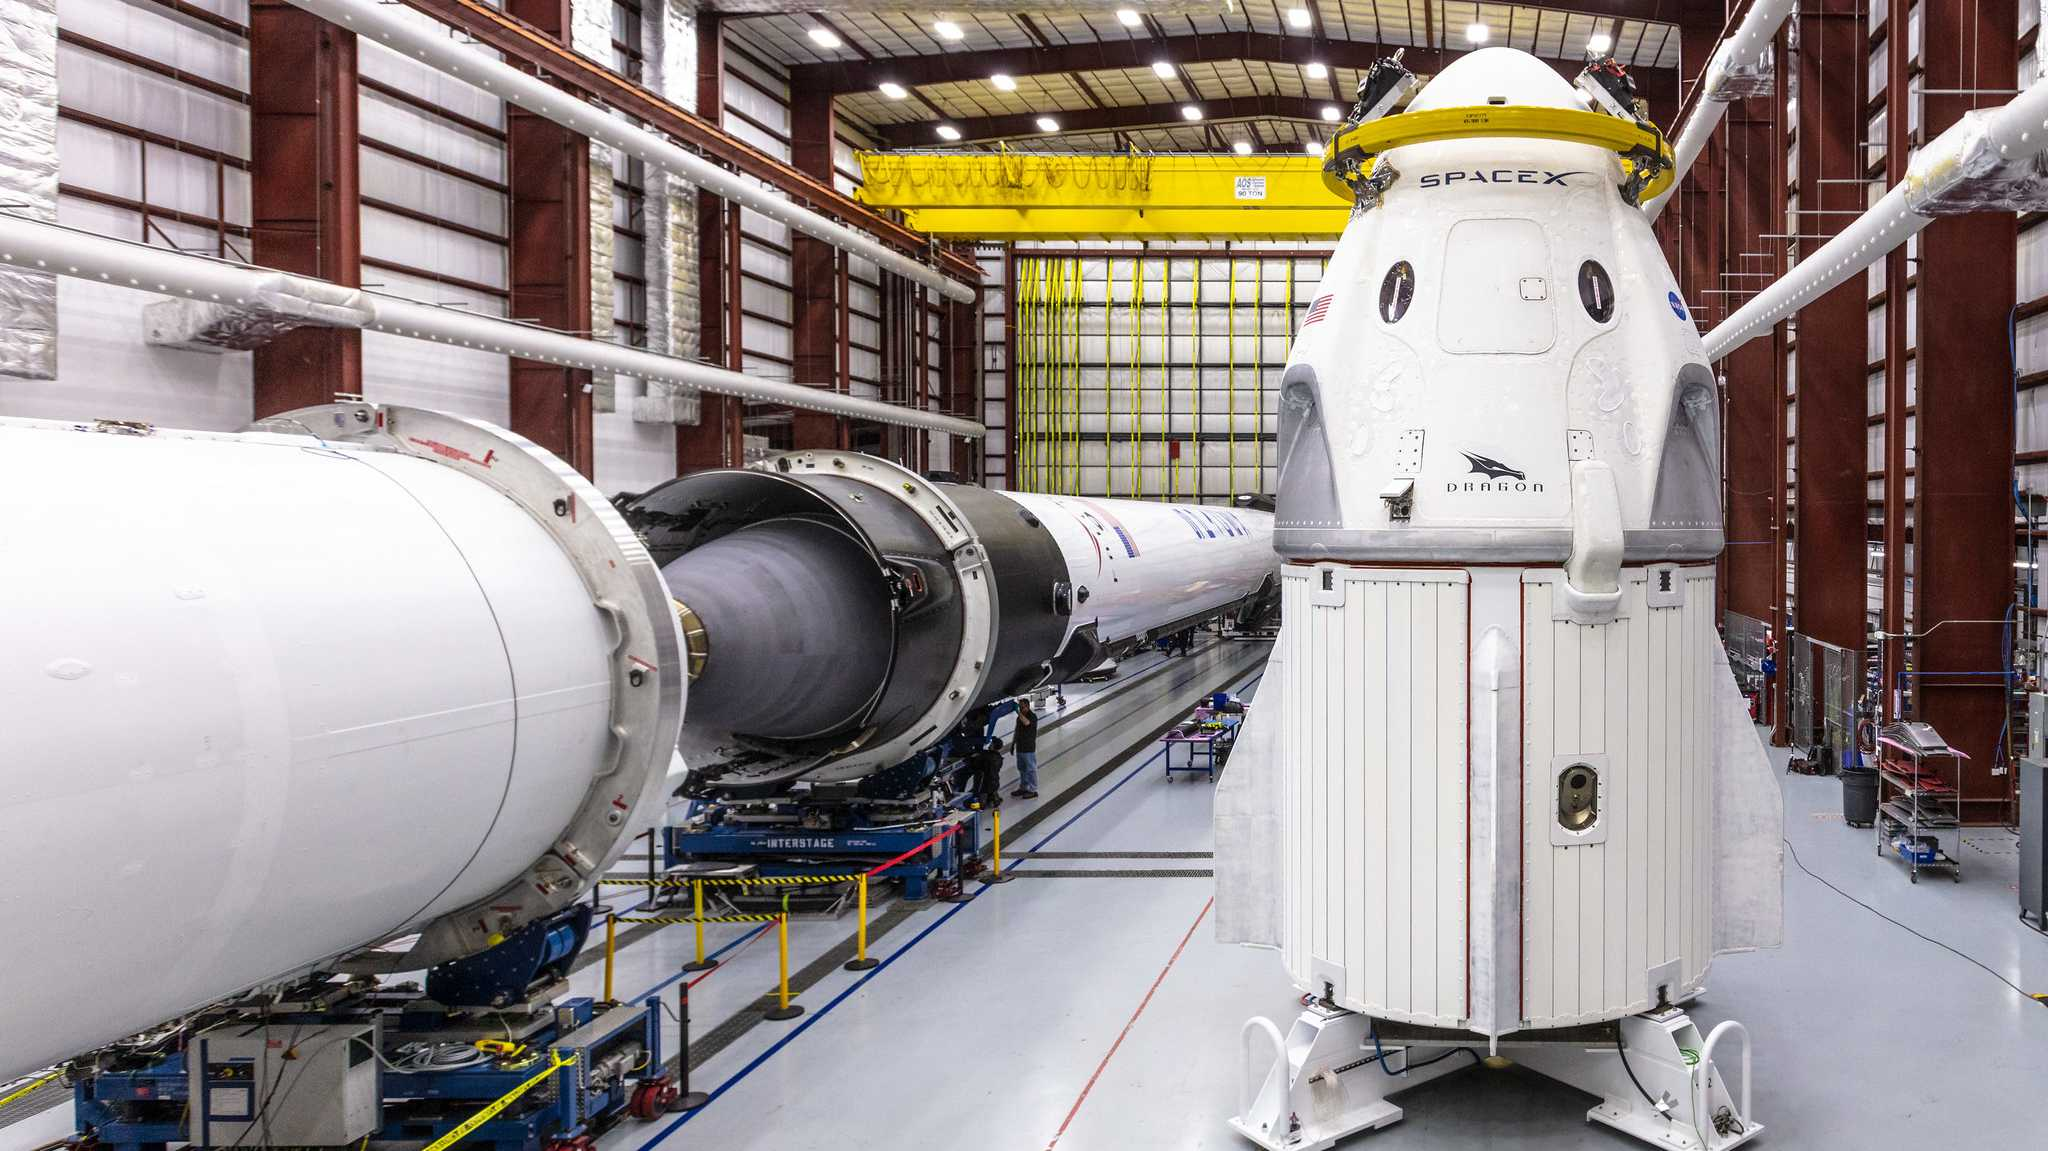 Links liegen Raketenteile, rechts steht der Crew Dragon in einem Hangar